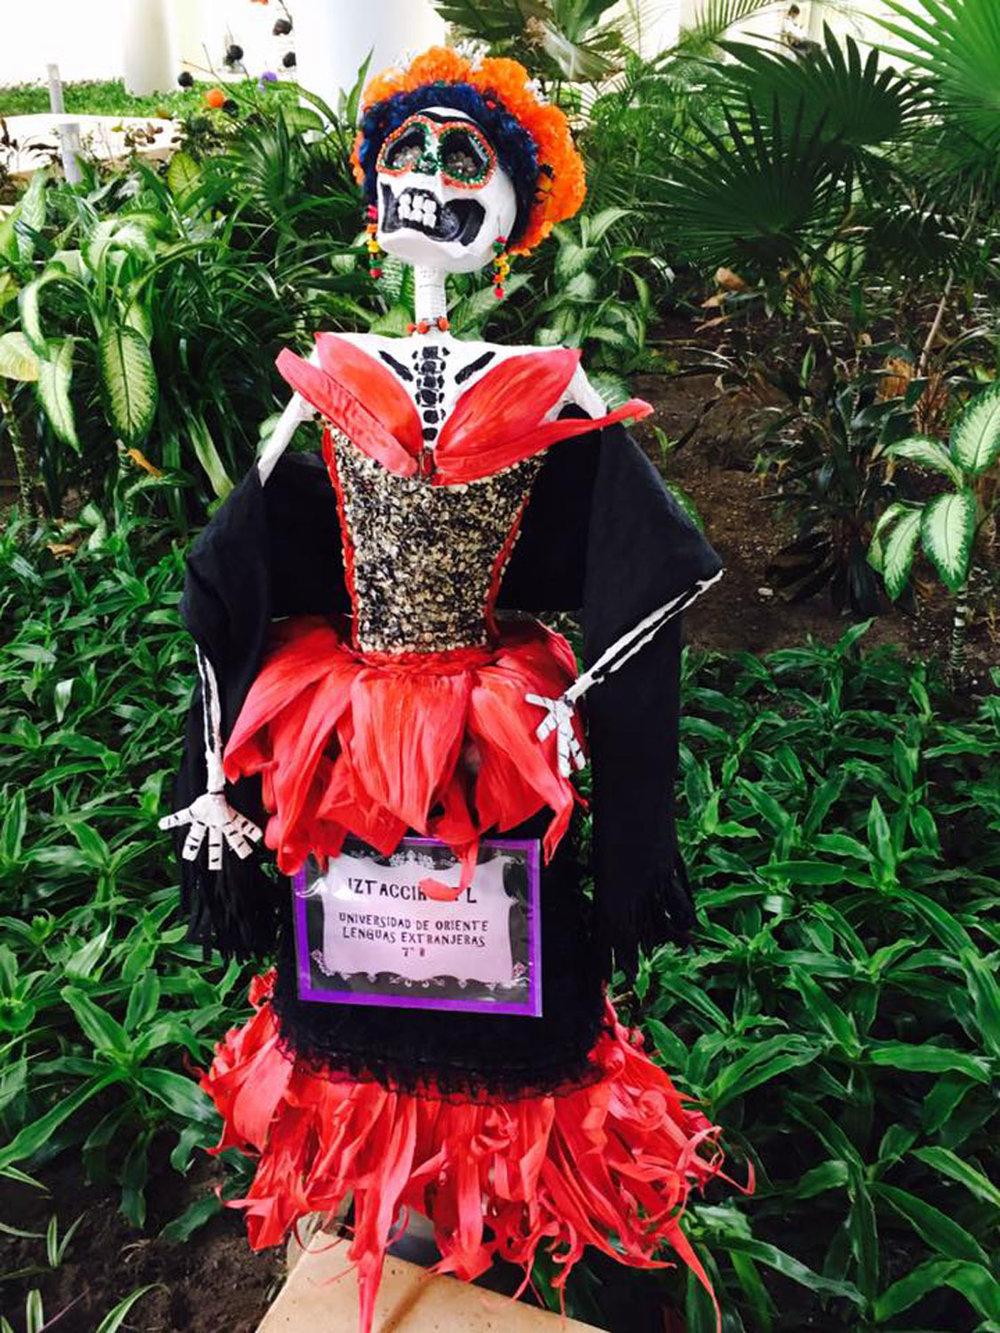 Hammocks_and_Ruins_Blog_Riviera_Maya_Mexico_Travel_Discover_Explore_Yucatan_Pyramid_Muesuems_Cancun_3.jpg